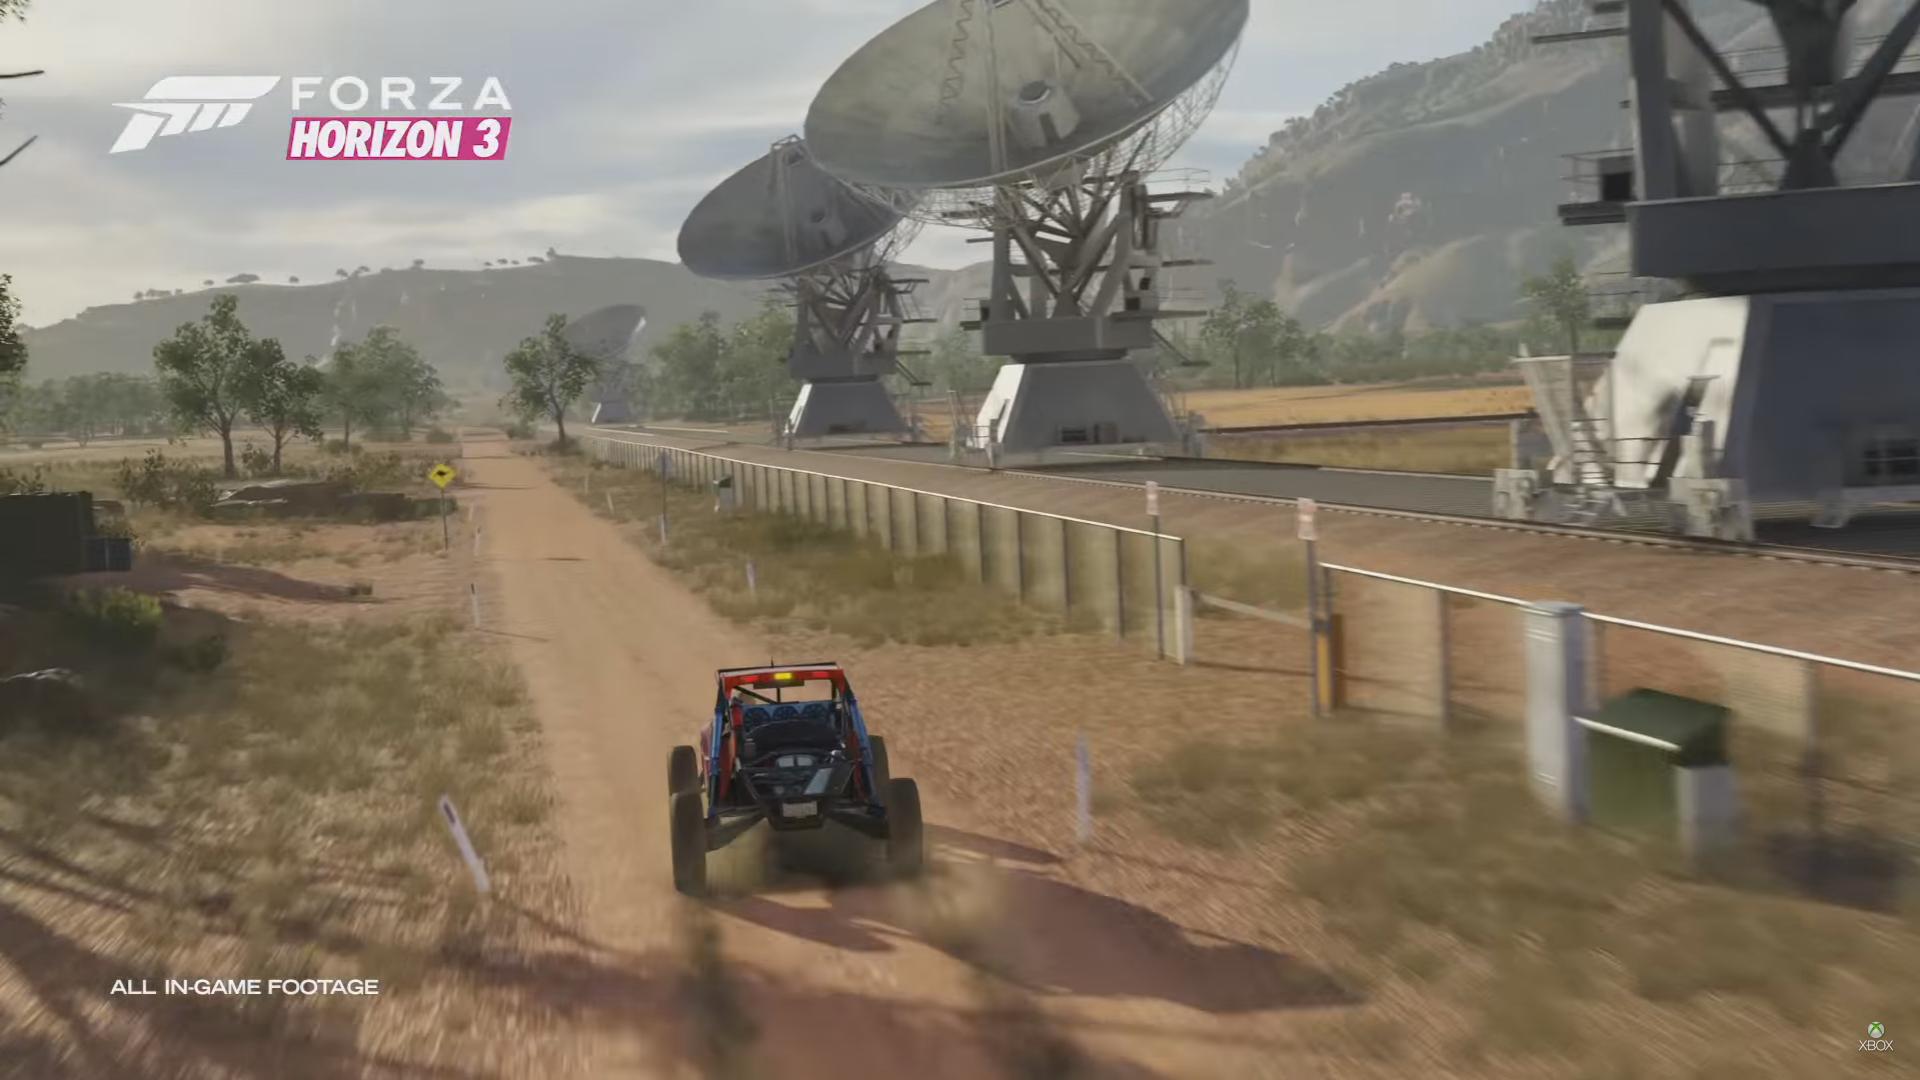 Forza Horizon 3 Official E3 Trailer Featuring Lamborghini Centenario